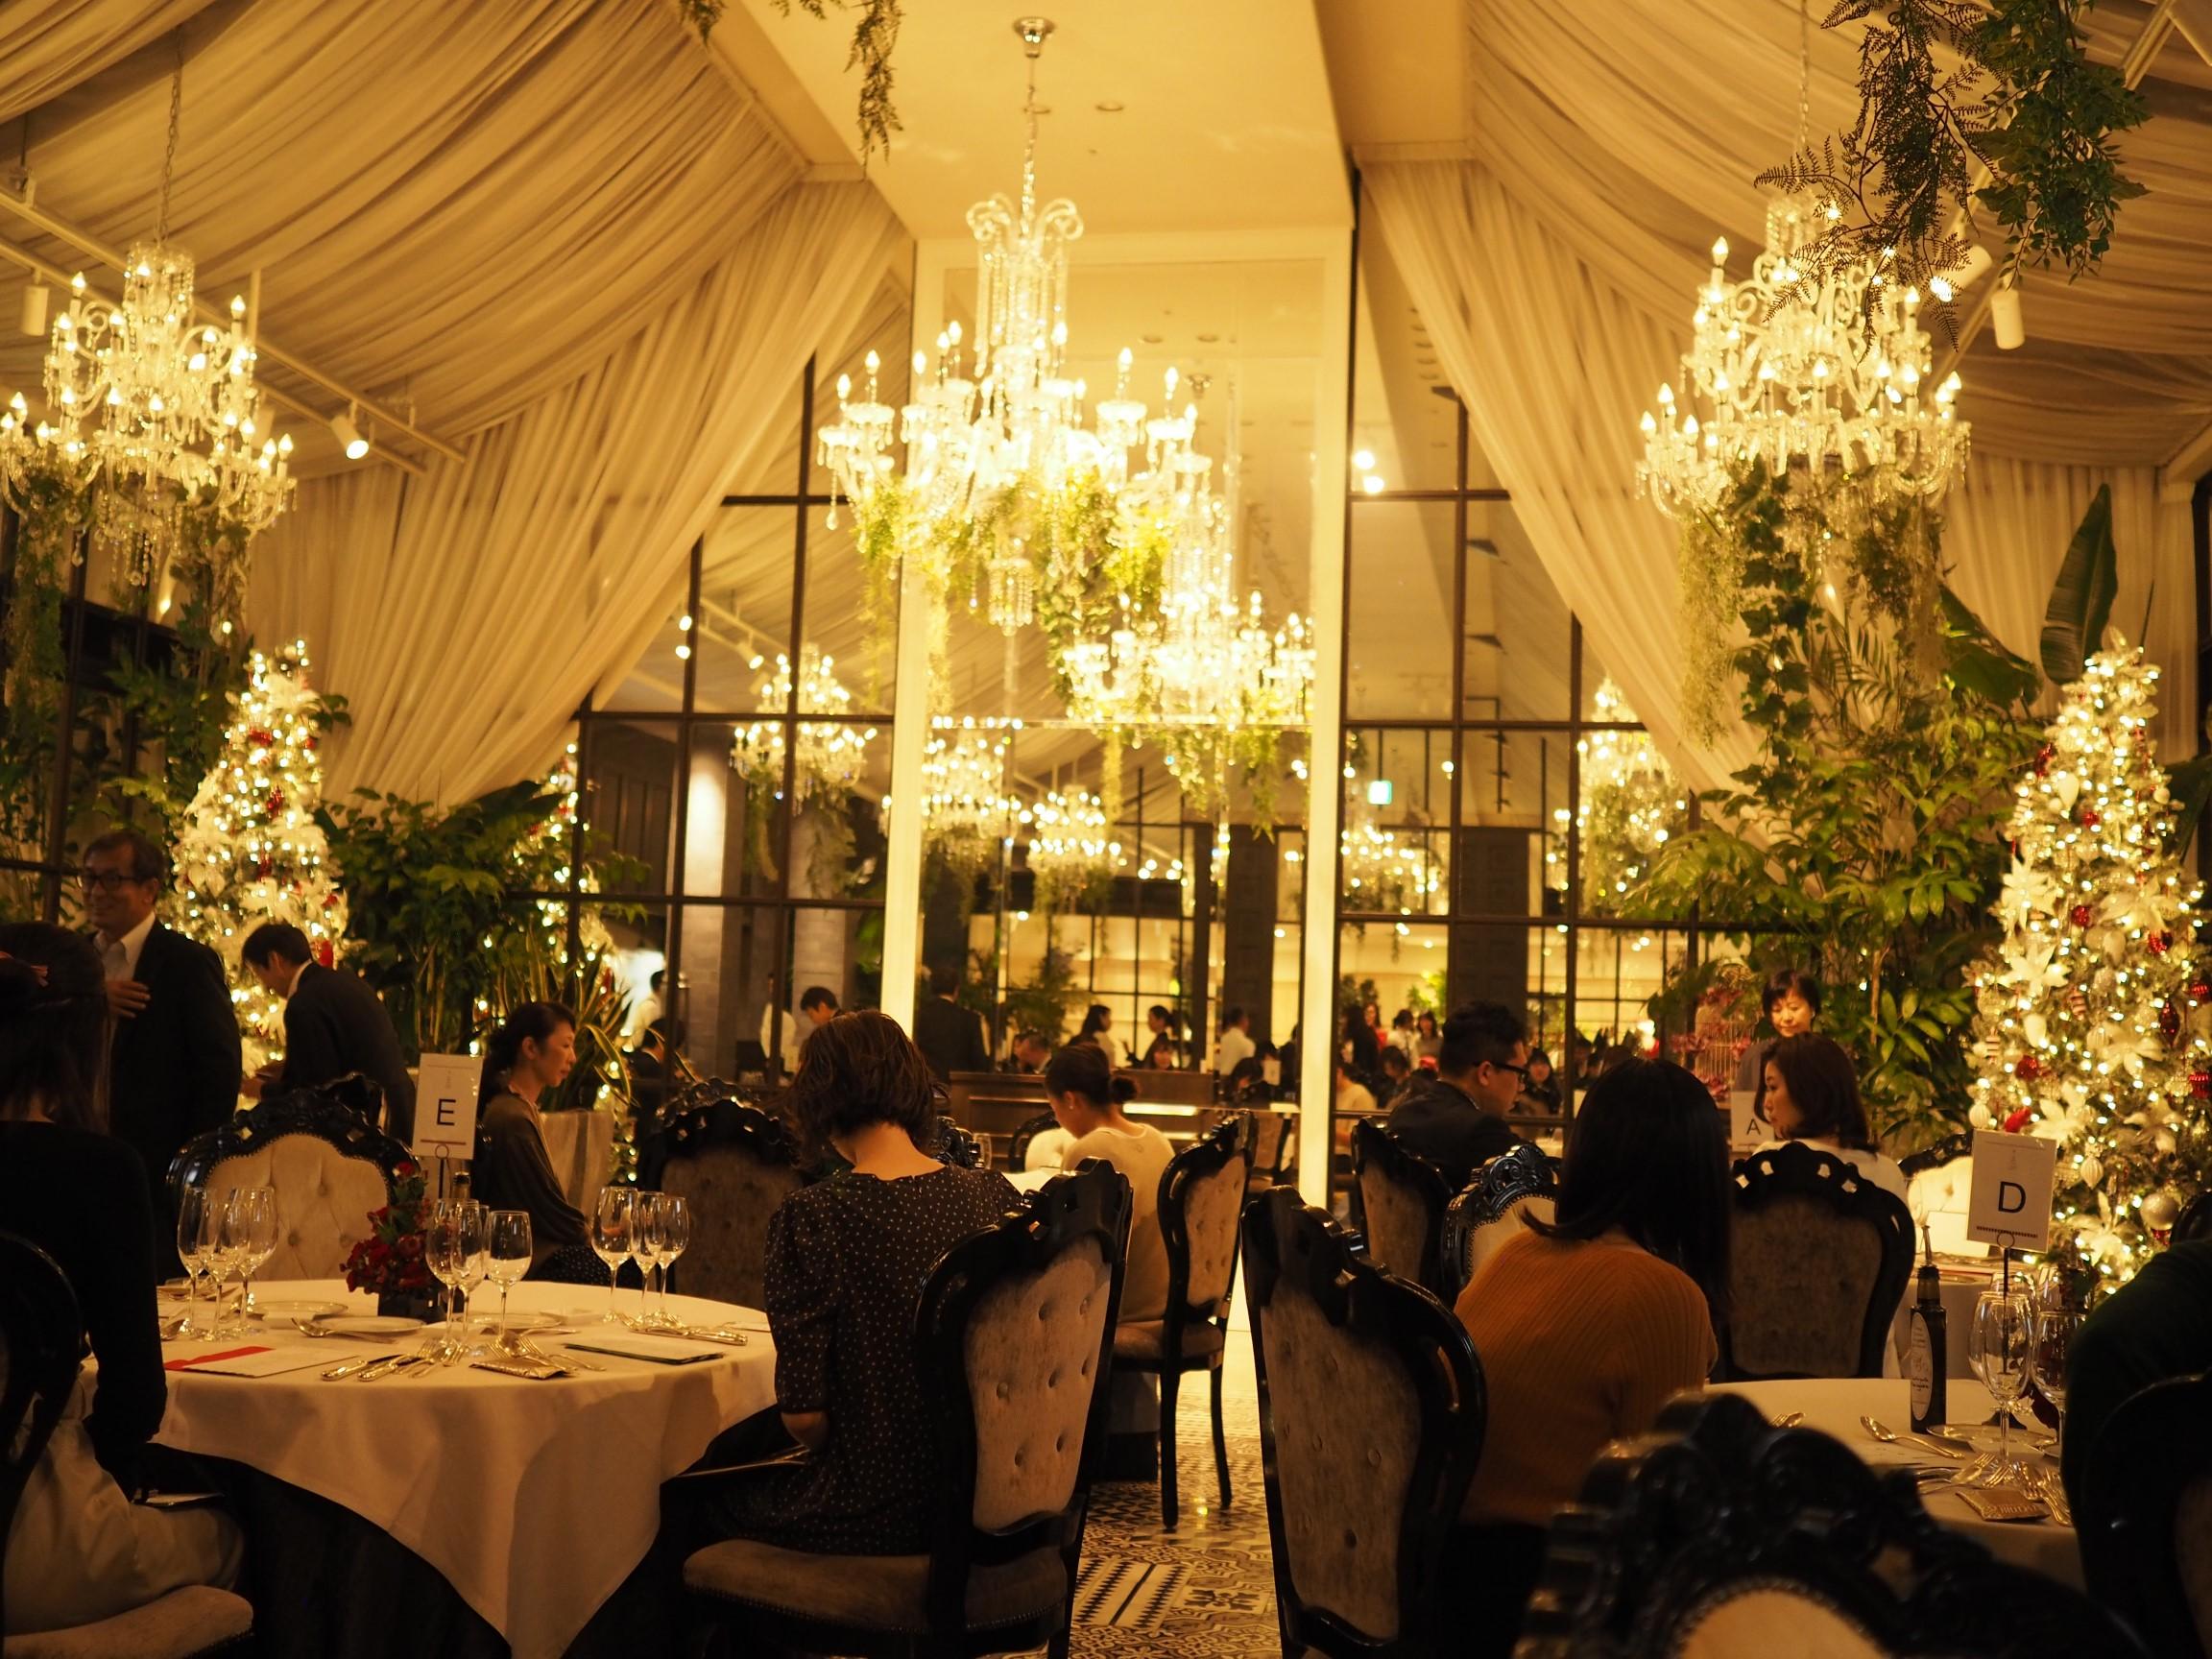 名古屋カップル必見!ストリングスホテル名古屋で平成最後のクリスマスディナーを - PA230496